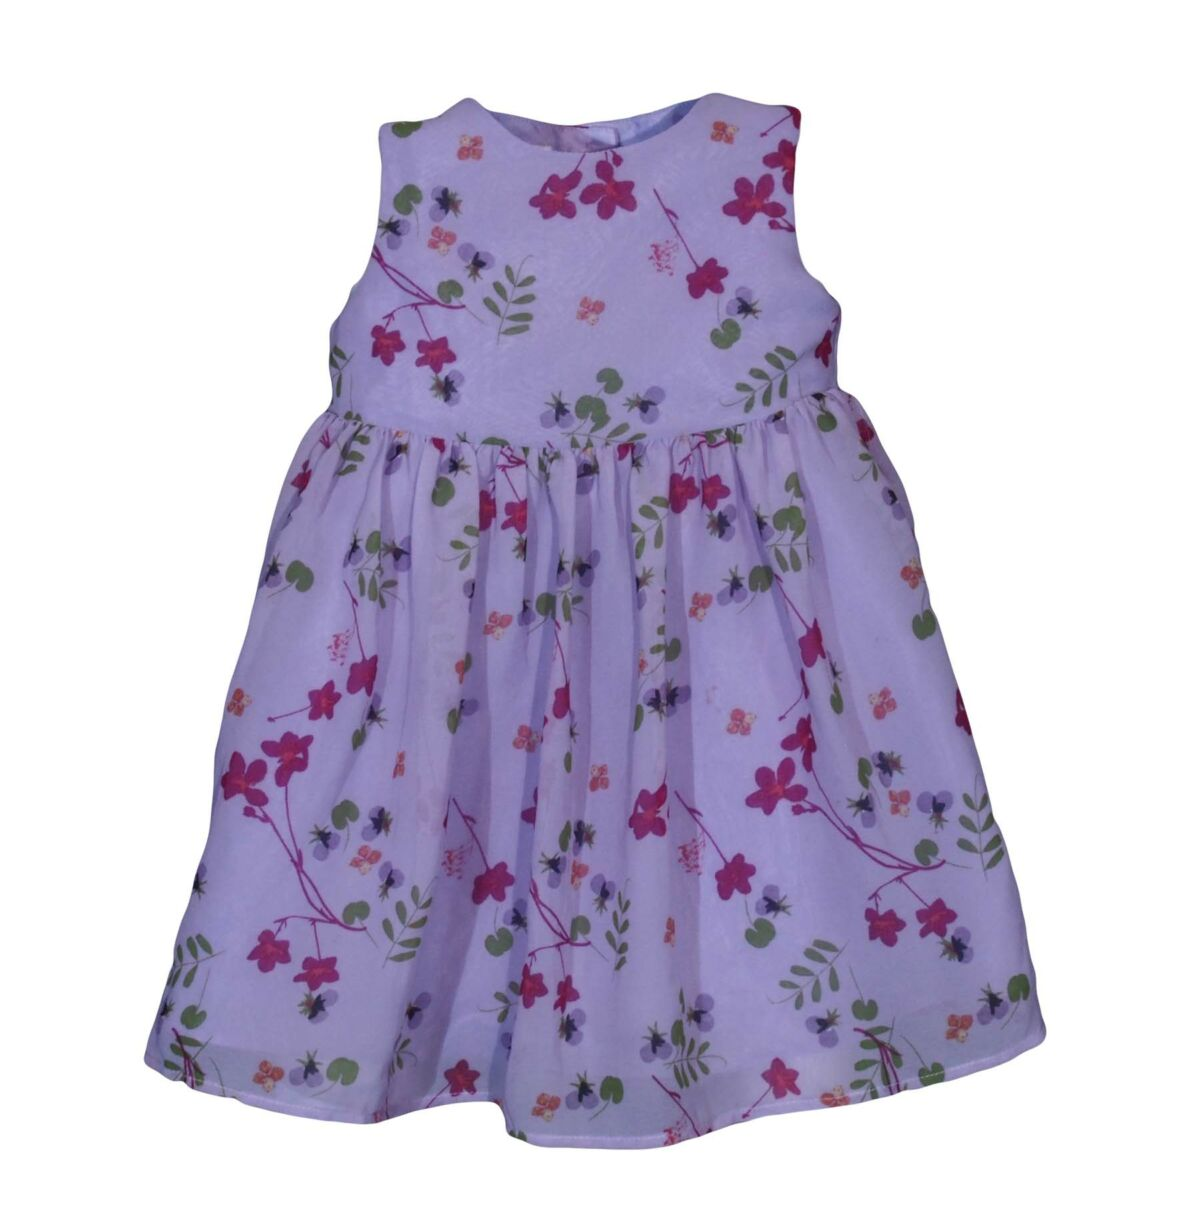 használt gyerekruha · Lila virágos ruha ... bfbba956b0